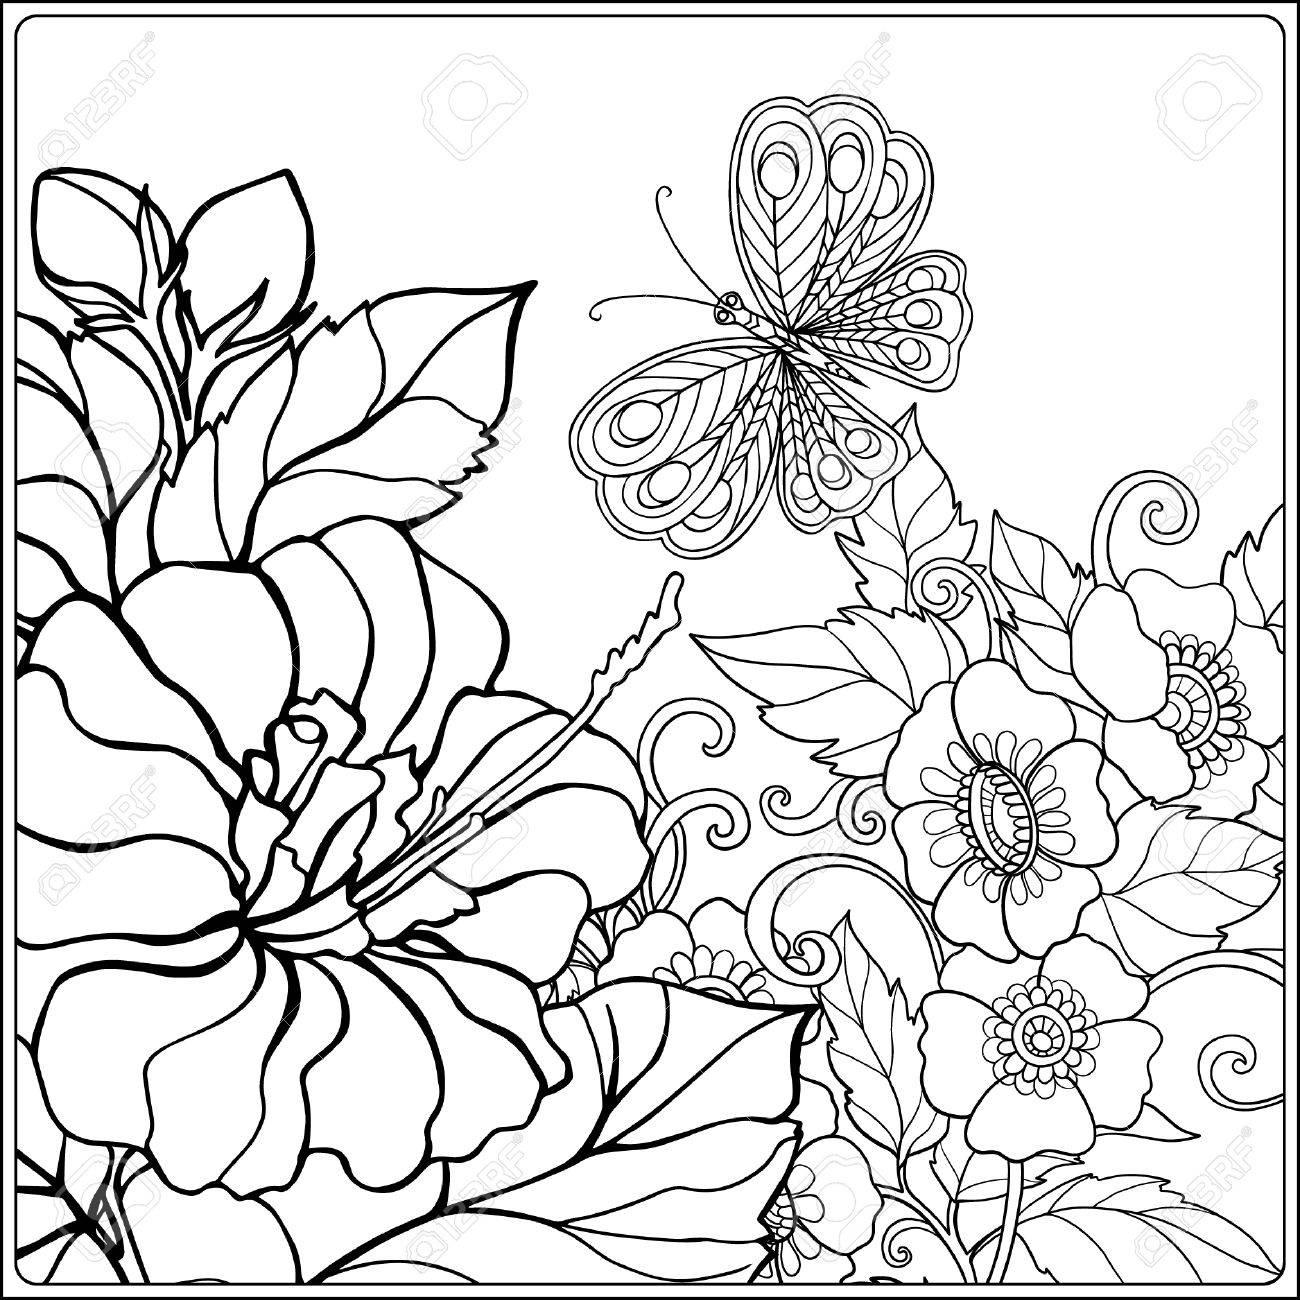 Atemberaubend Malvorlagen Von Blumen Und Schmetterlingen ...